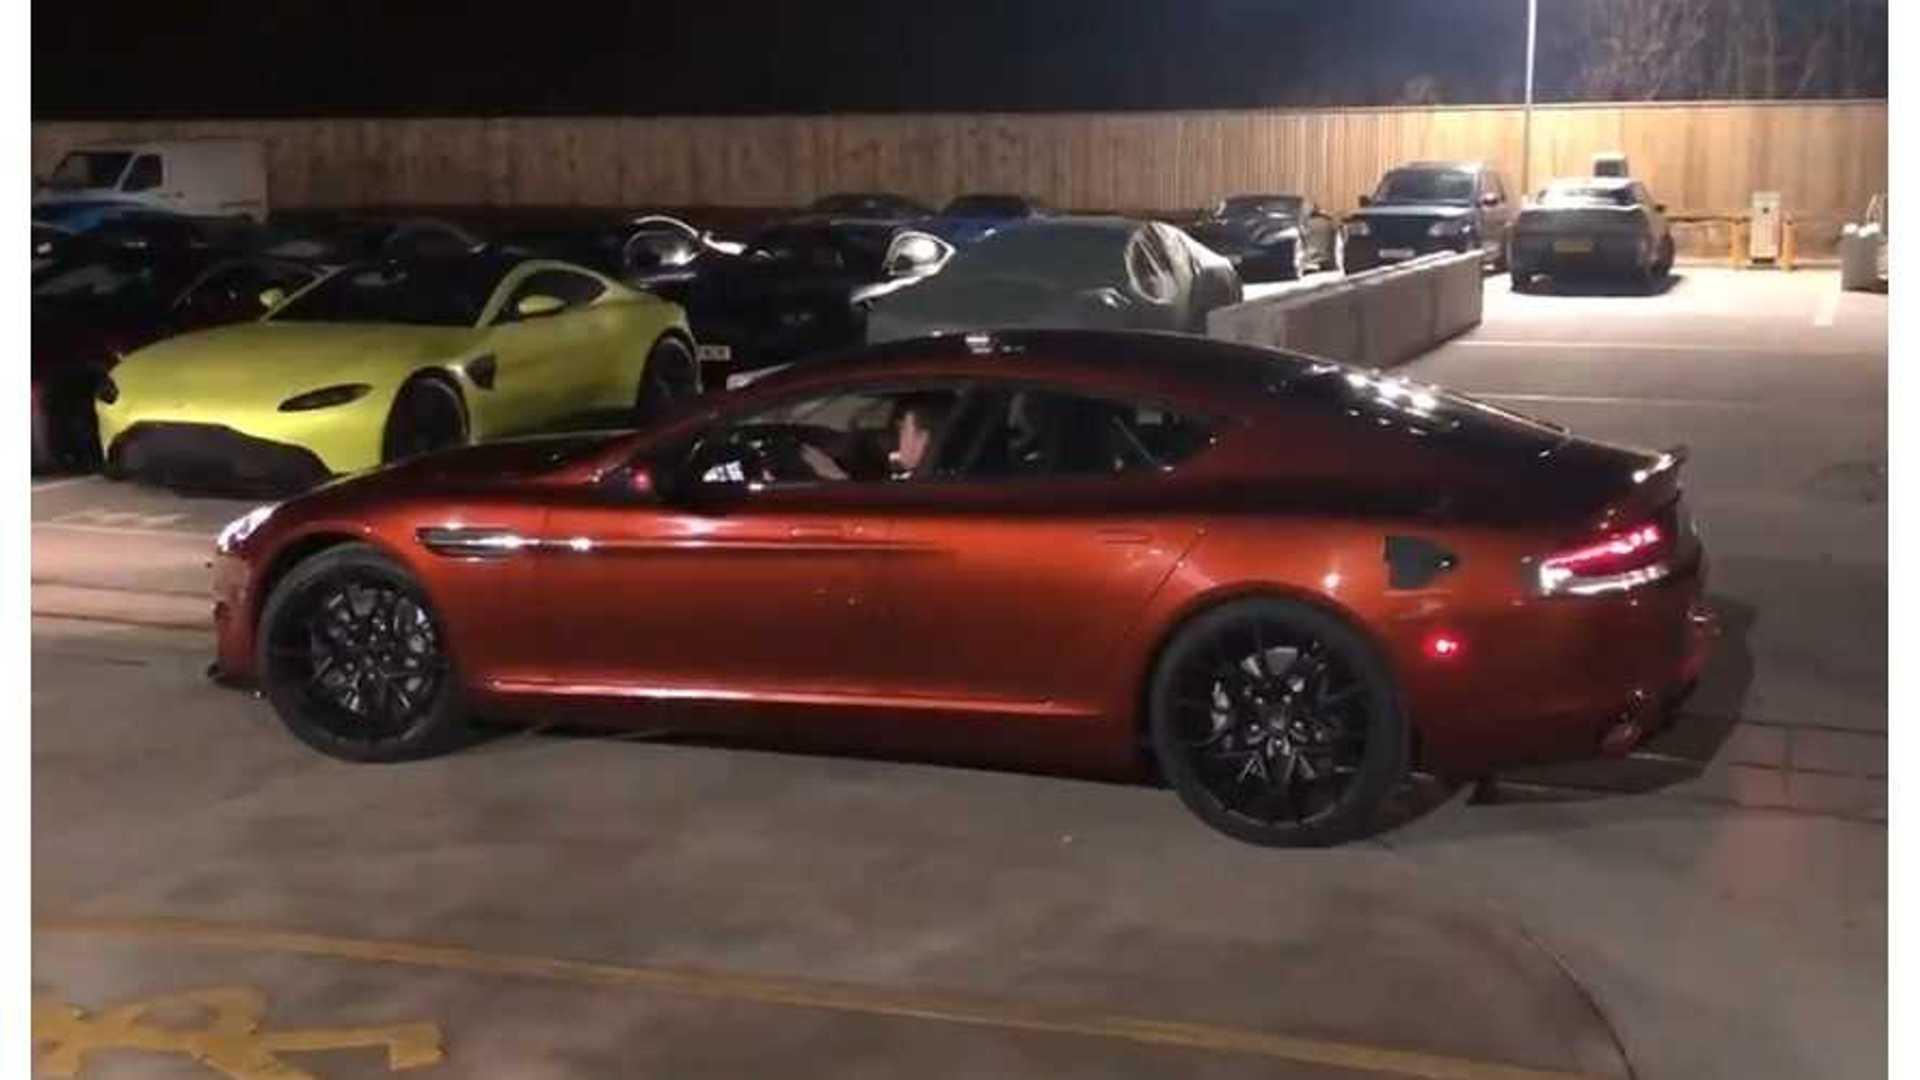 Aston Martin RapideE Validation Prototype Moves Under Own Power